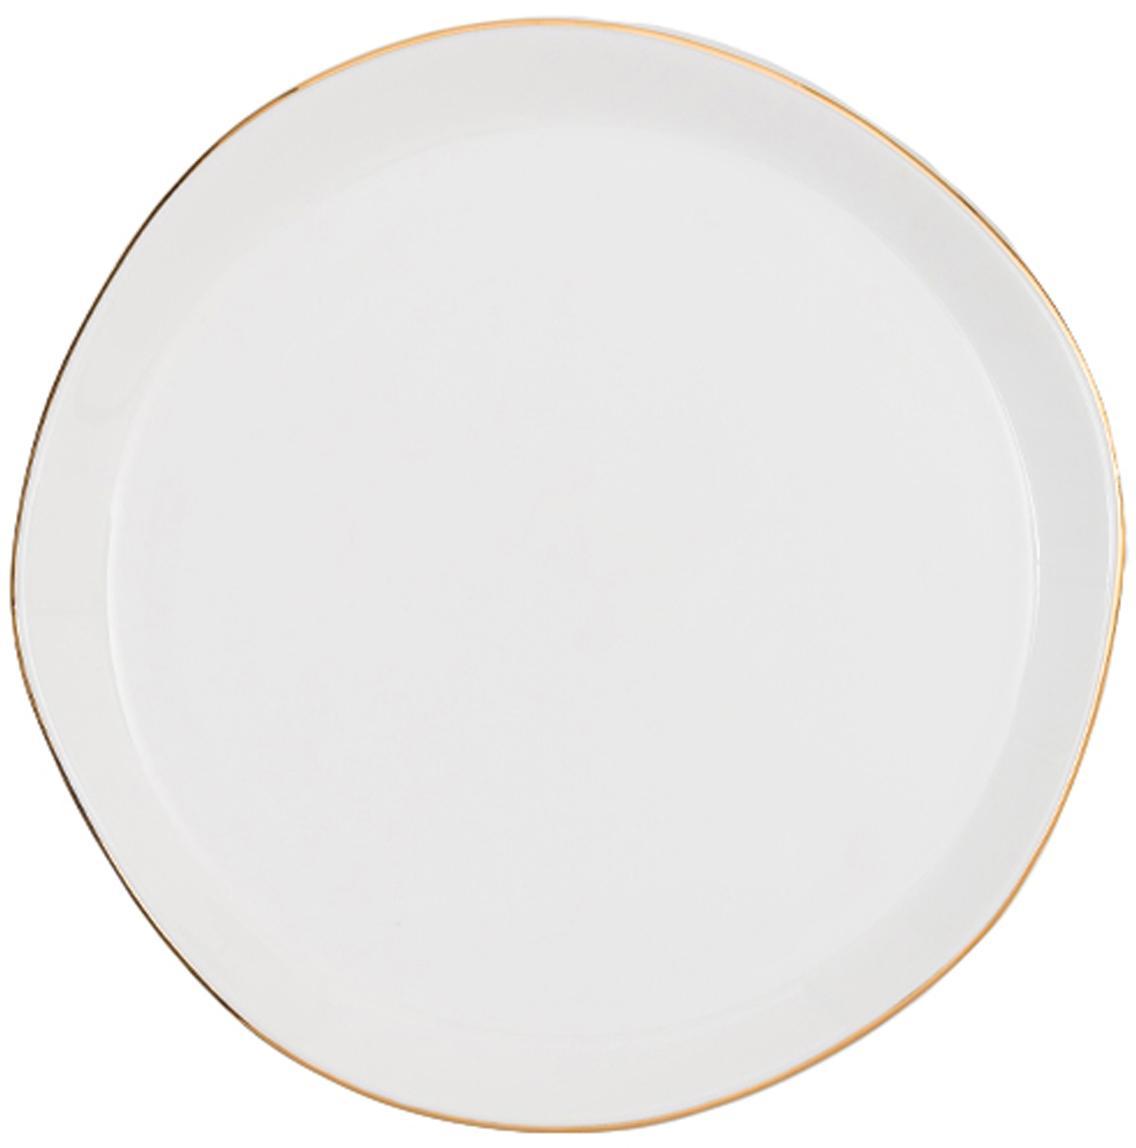 Talerz do ciasta Good Morning, Porcelana, Biały, odcienie złotego, Ø 17 cm